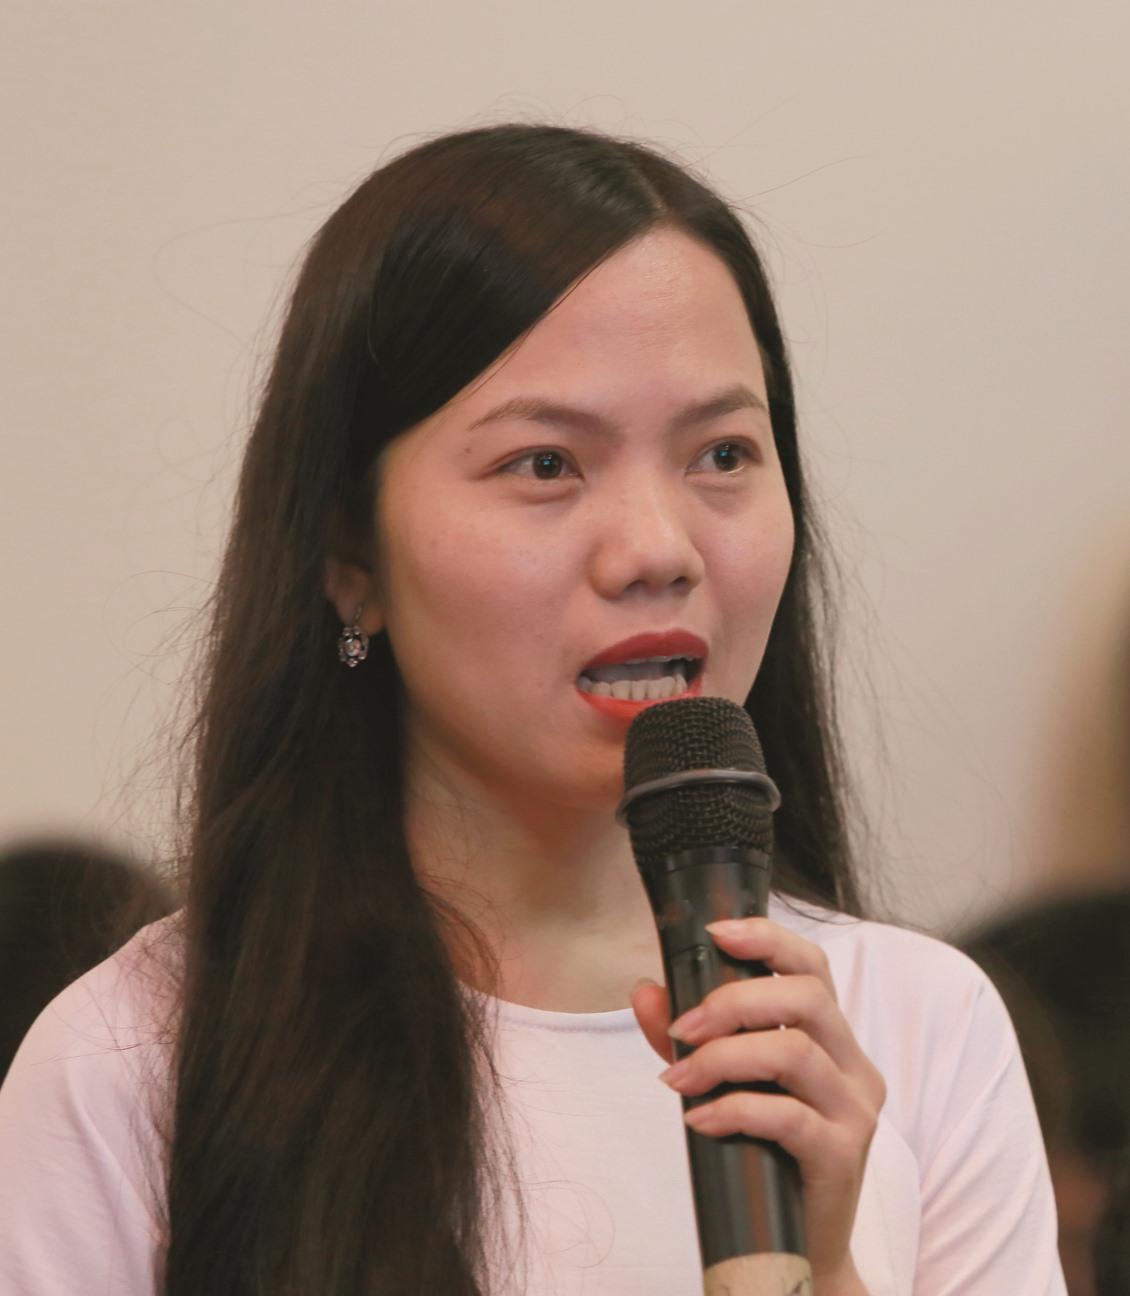 Thanh niên đặt câu hỏi với Chủ tịch UBND tỉnh Lê Trí Thanh về các vấn đề khởi nghiệp.